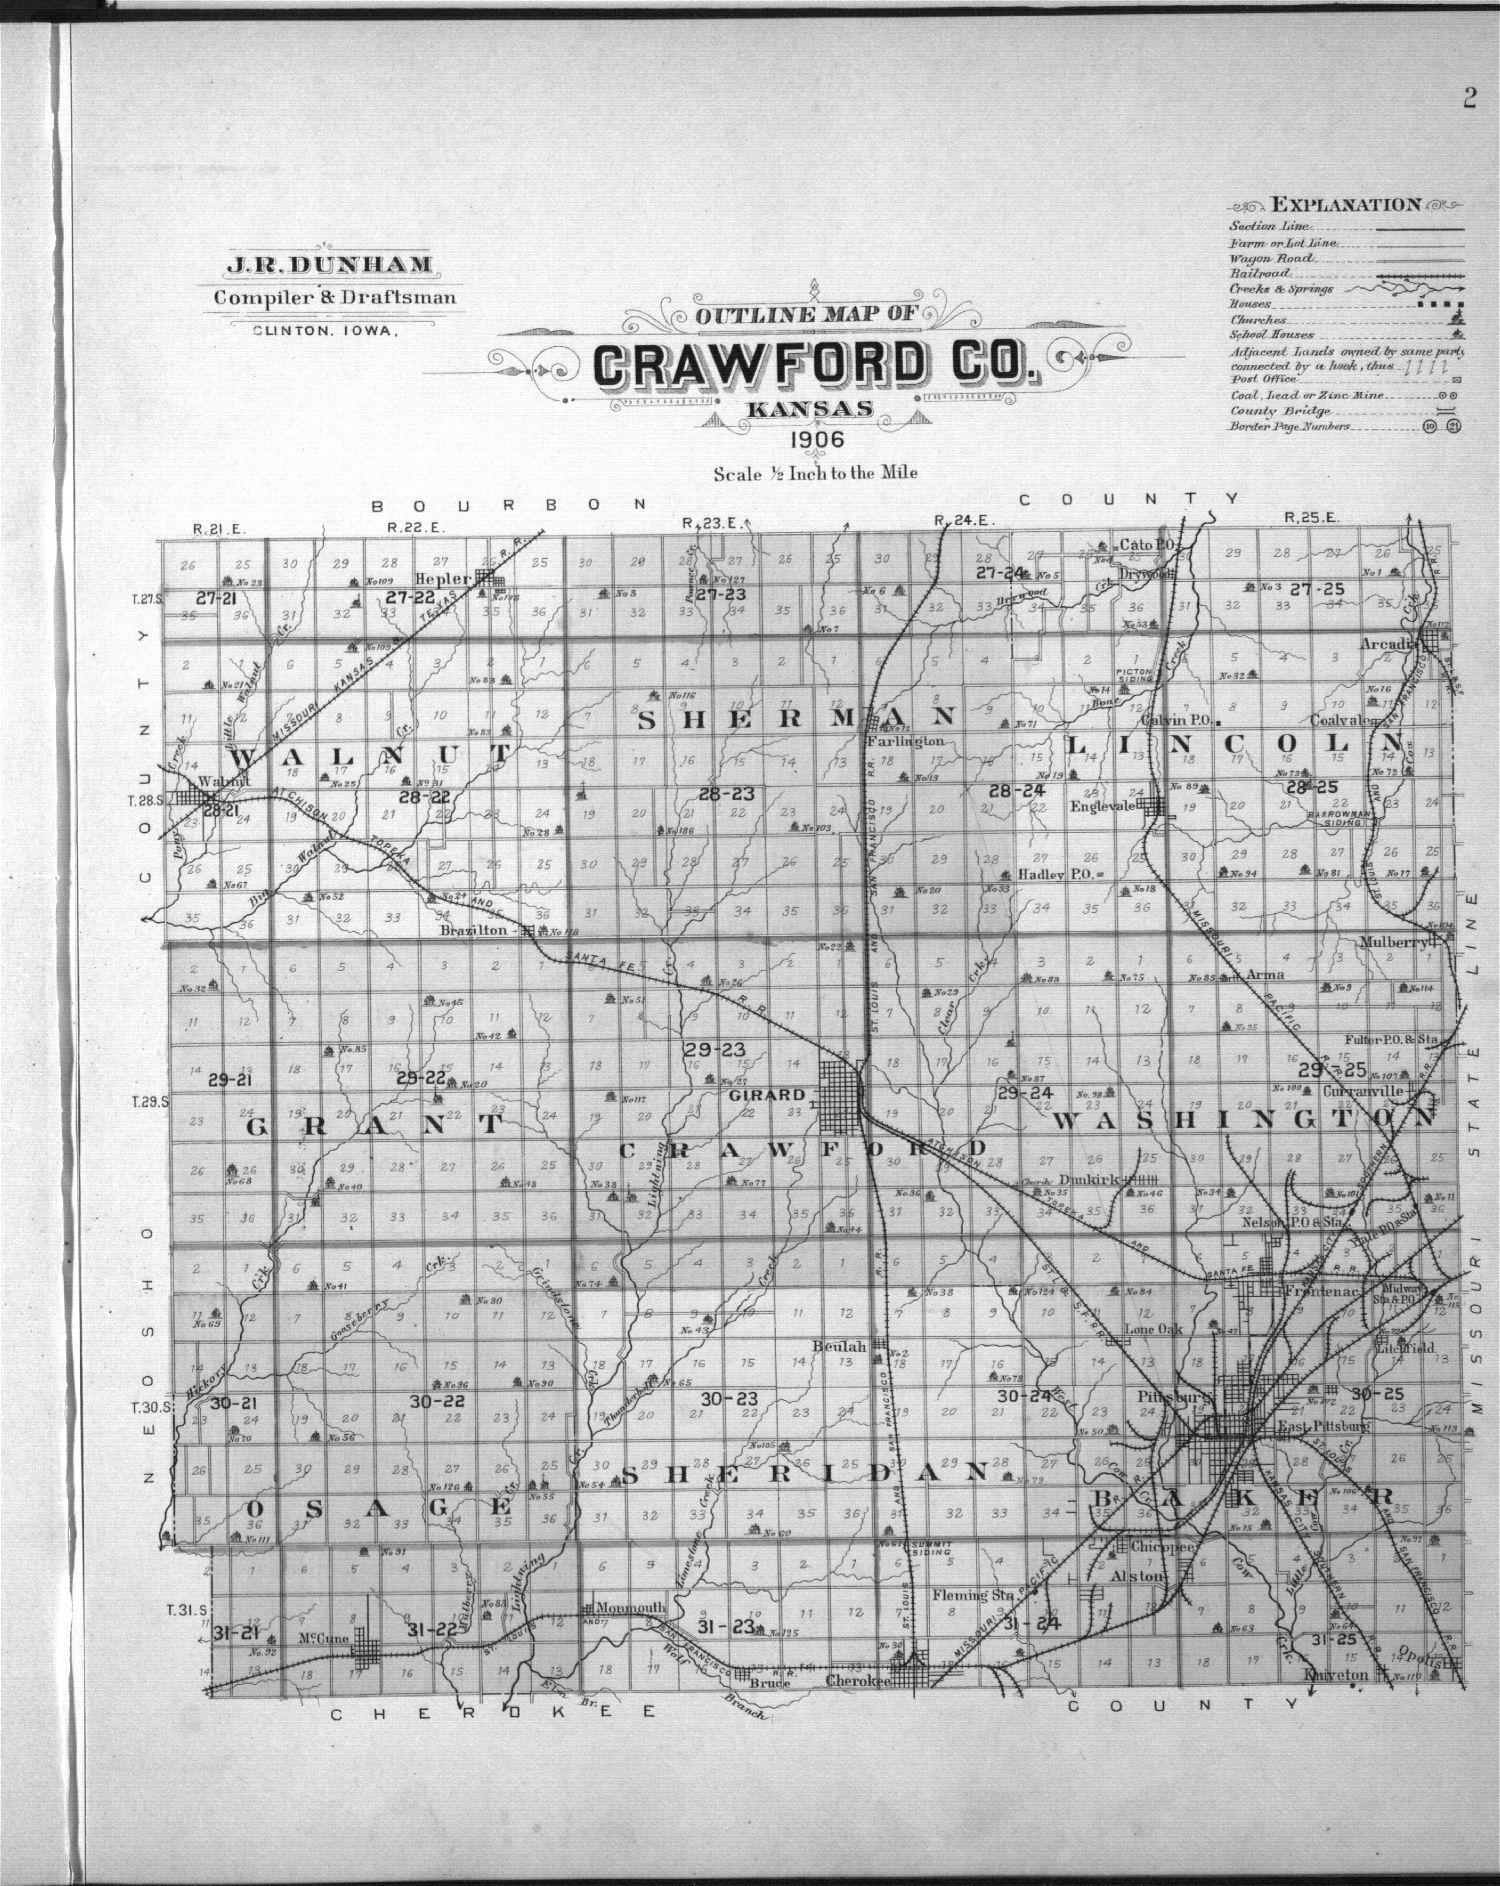 Plat book, Crawford County, Kansas - 3